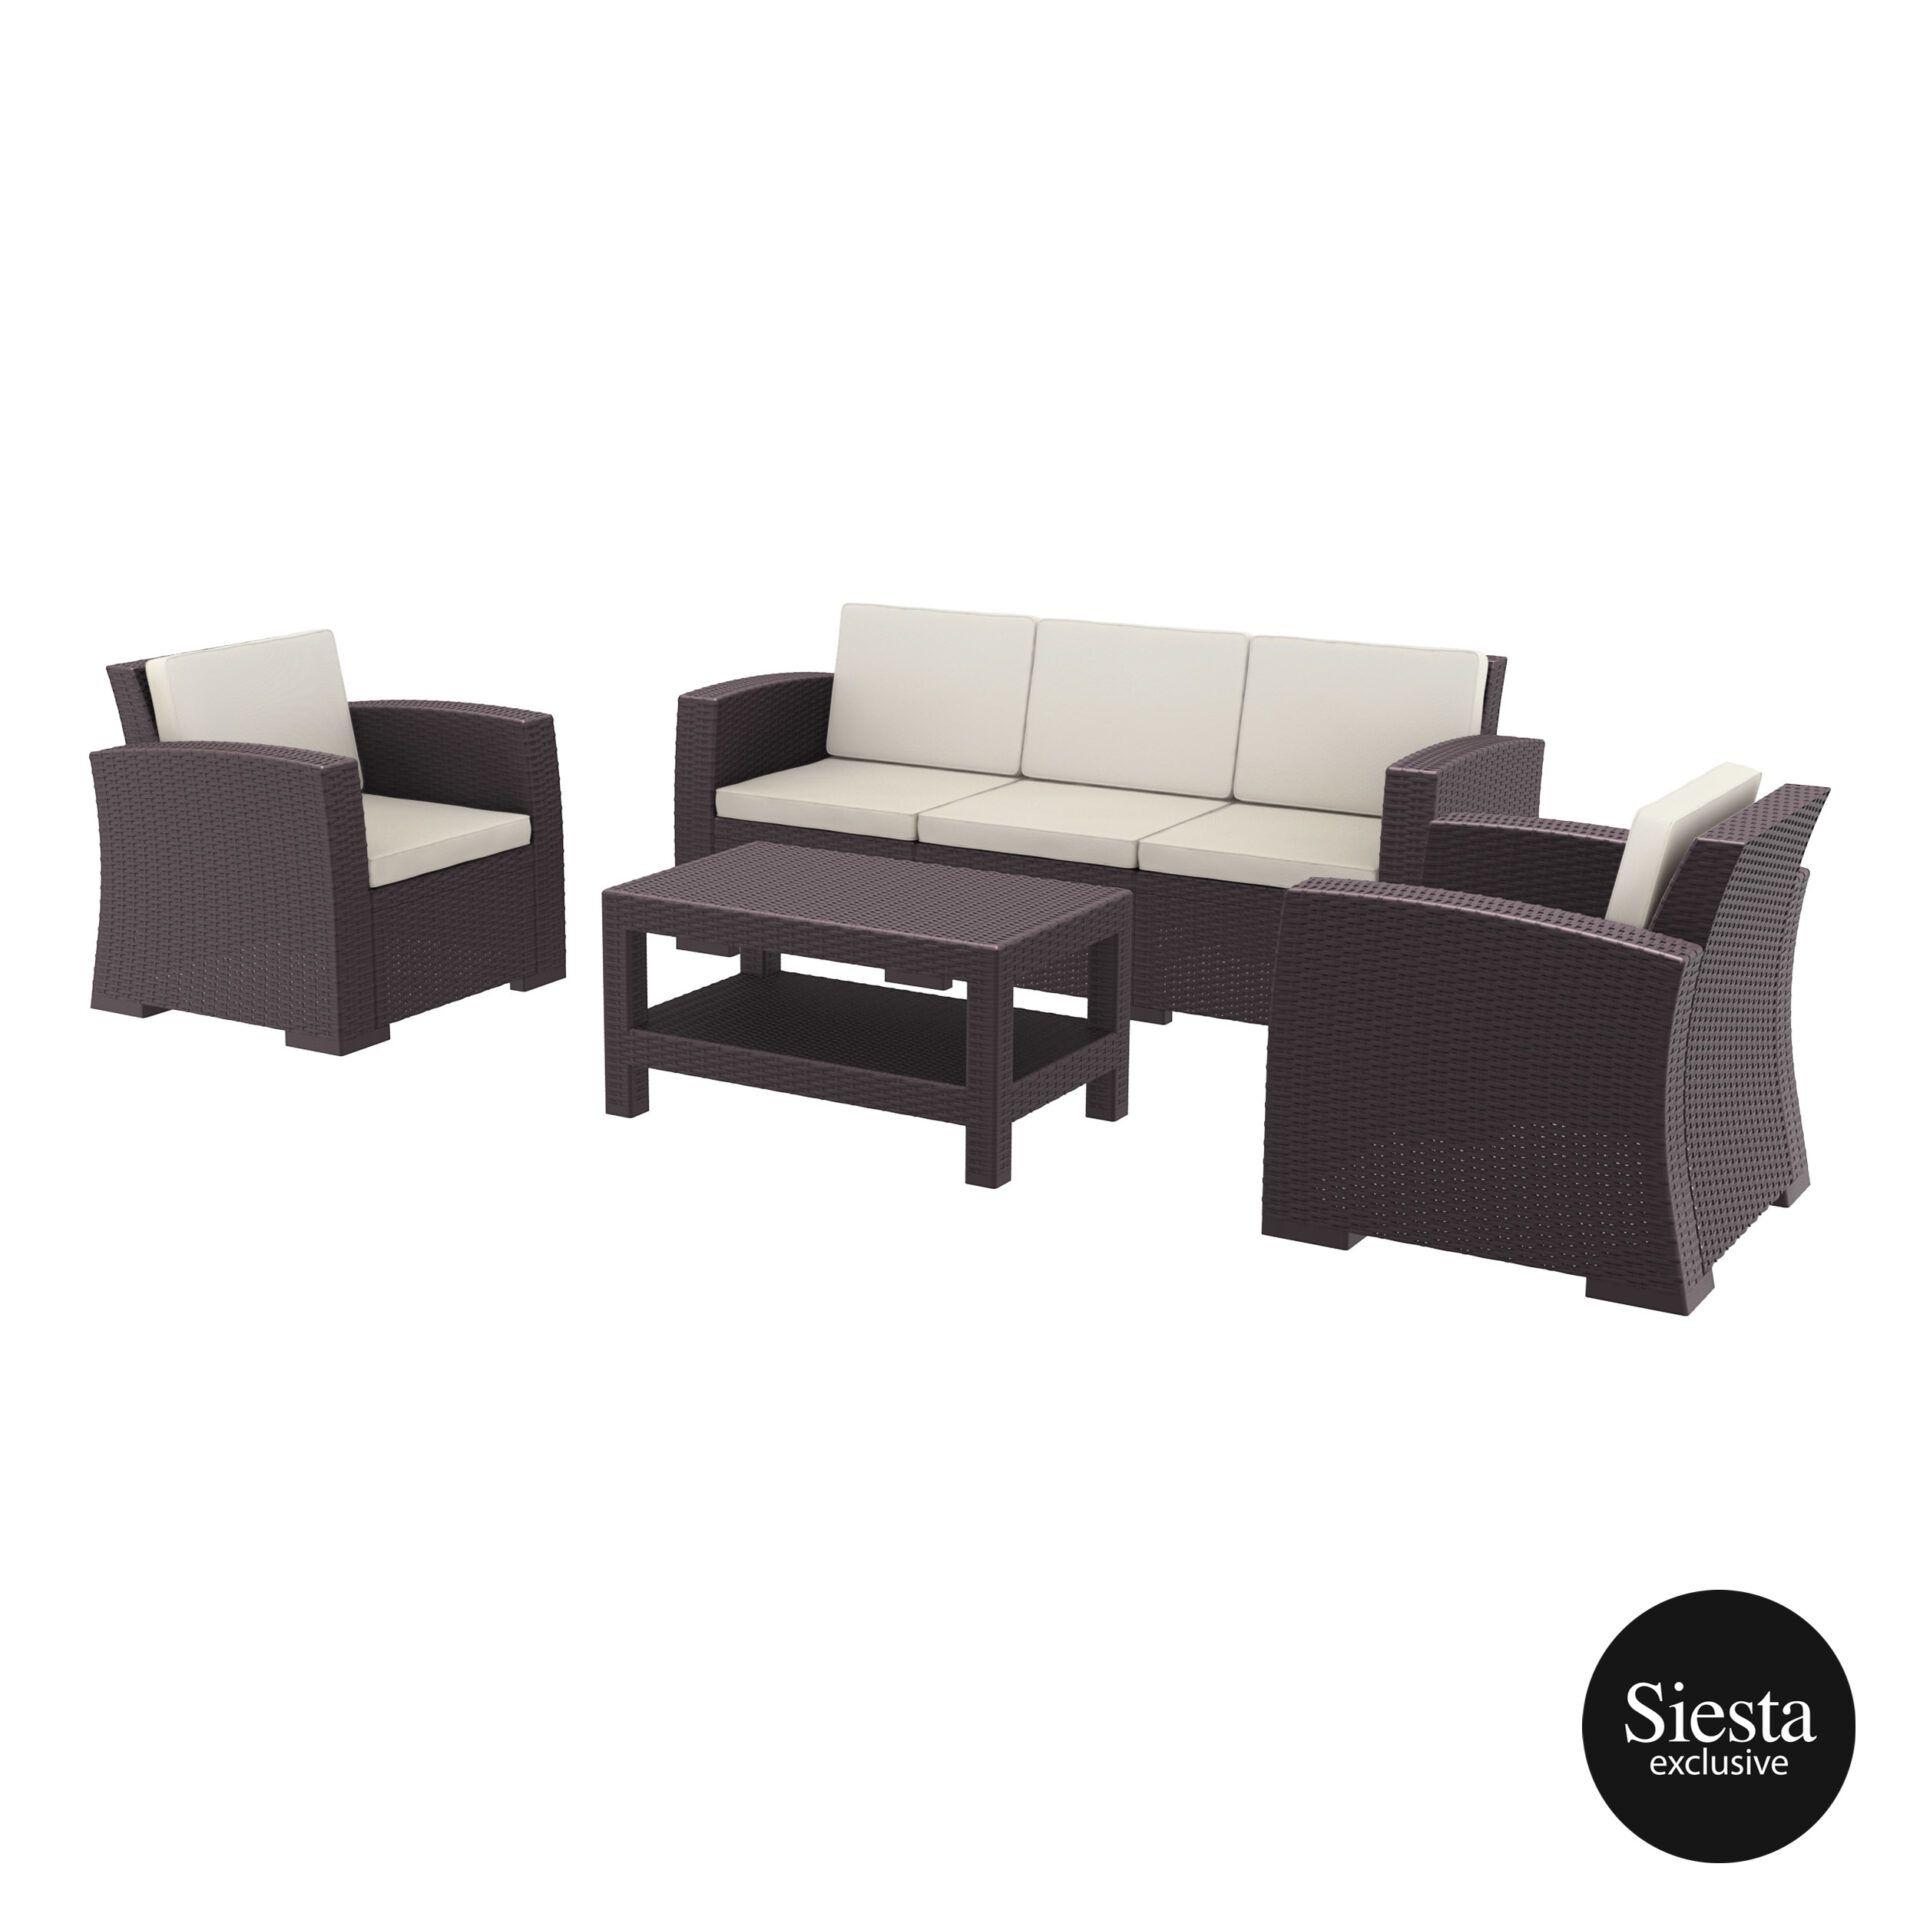 Resin Rattan Monaco Lounge Set Xl brown front side